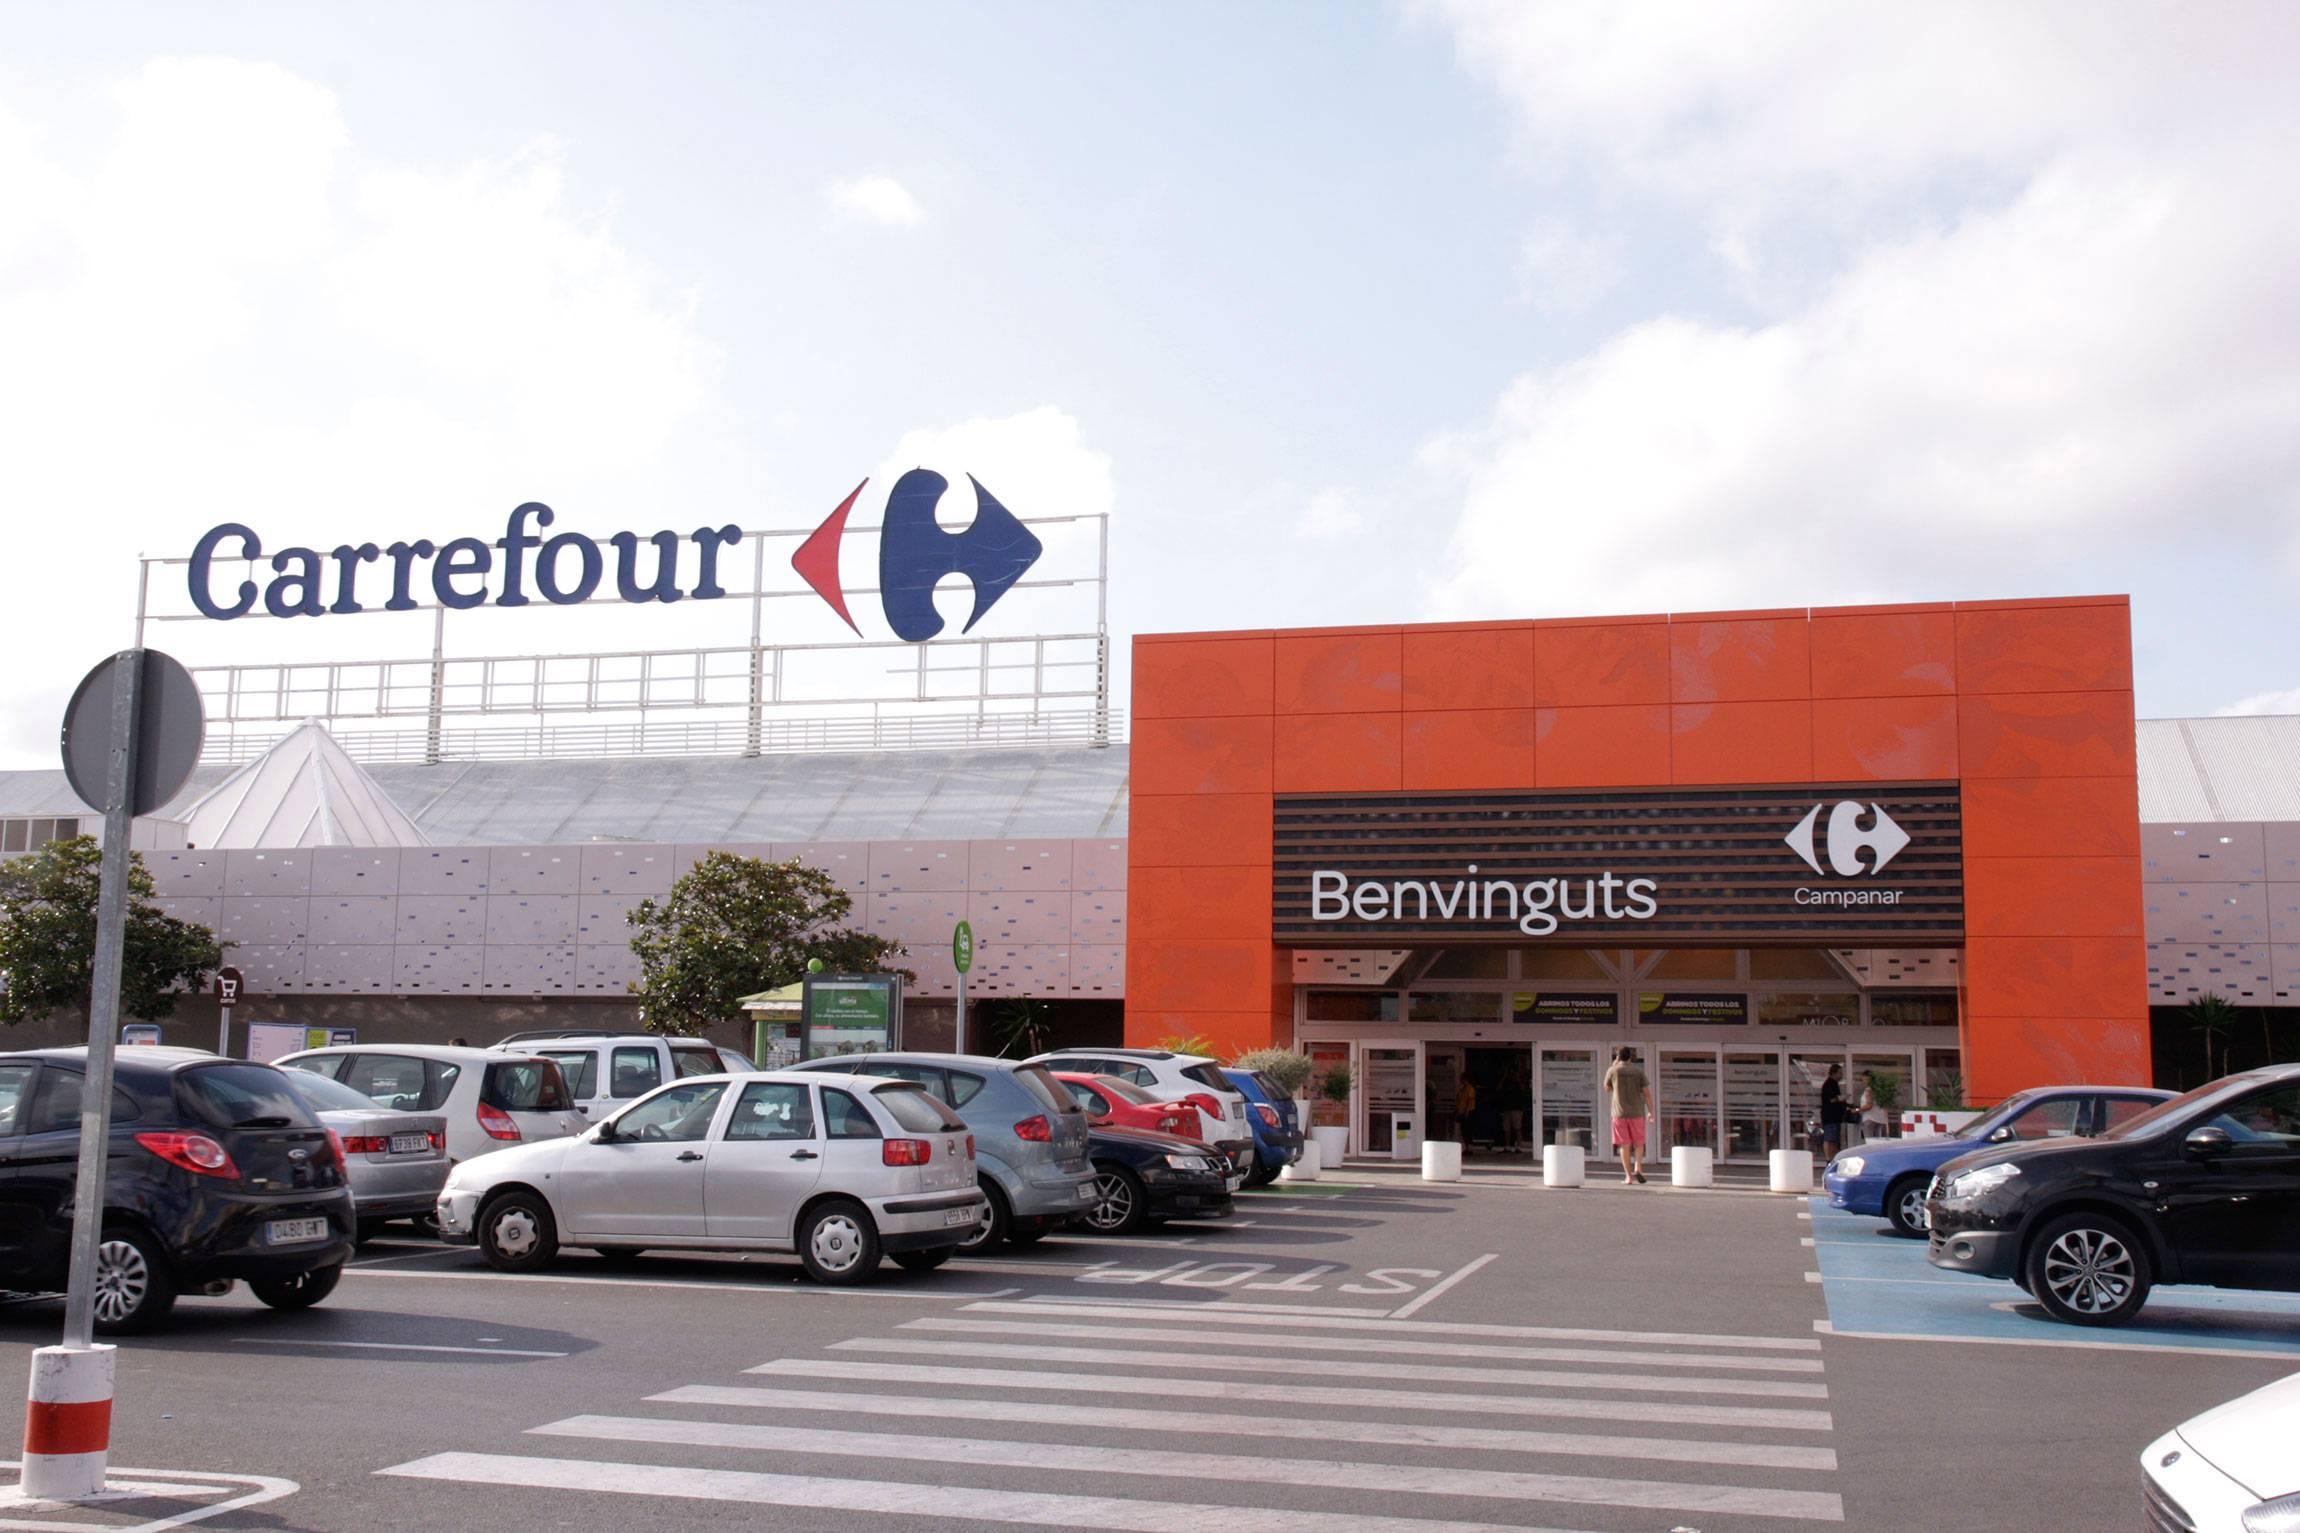 Carrefour campanar valencia